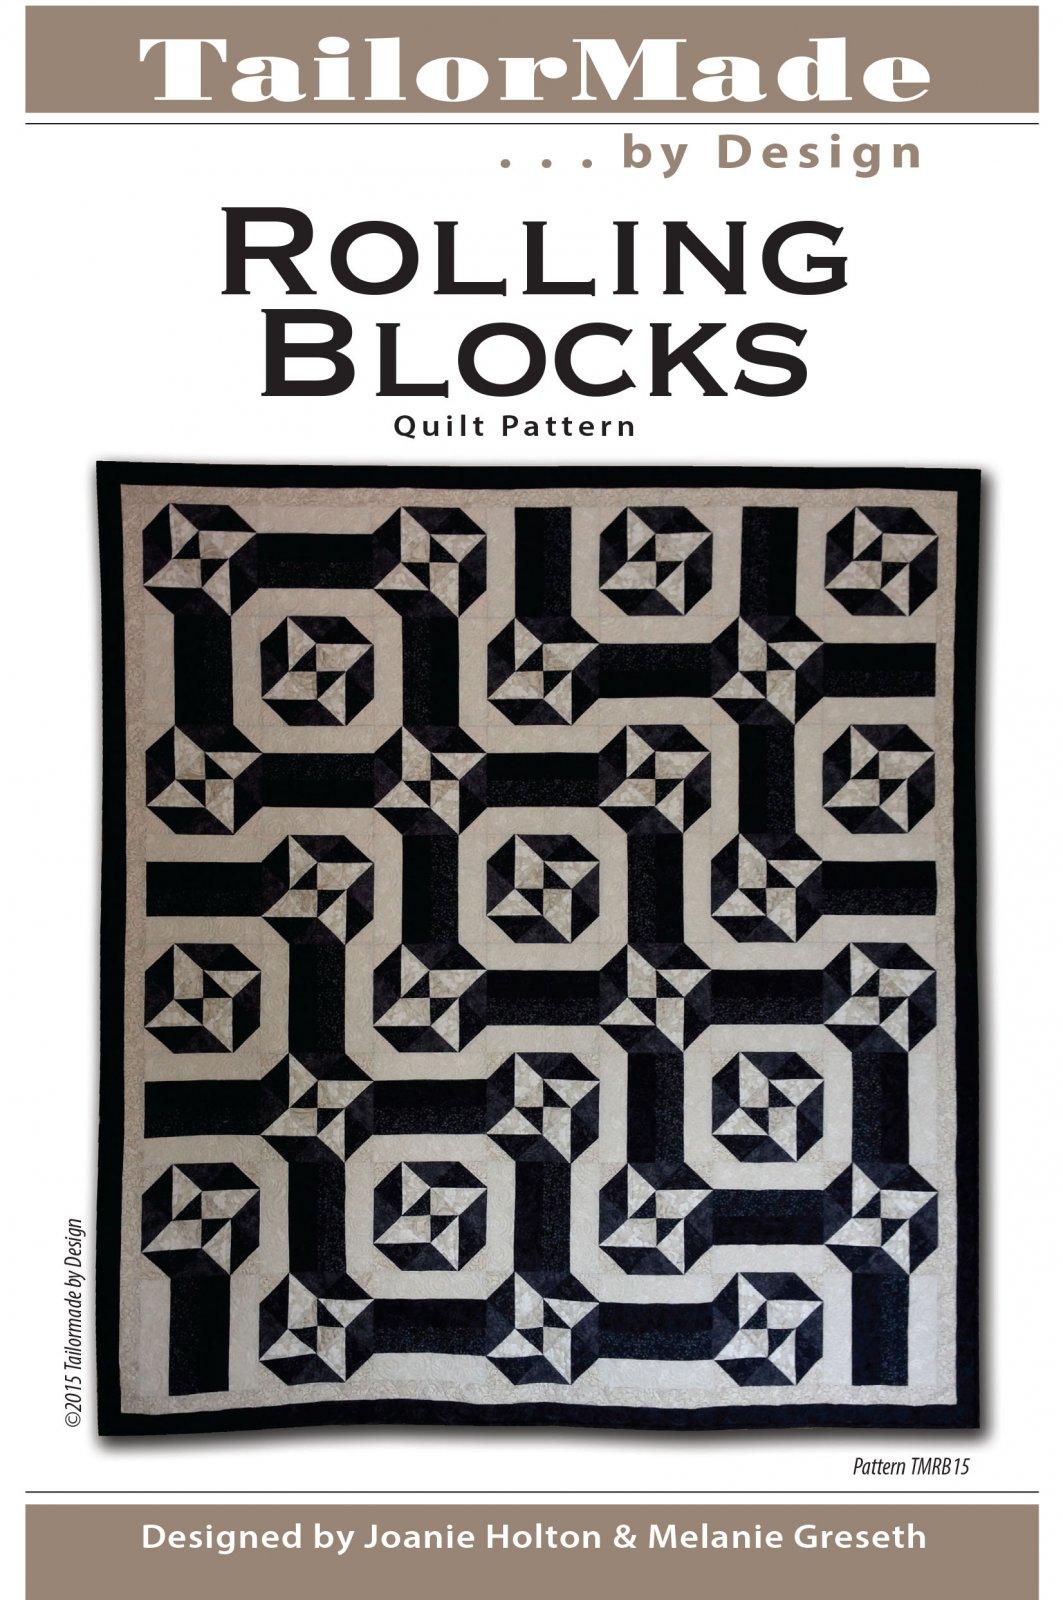 Rolling Blocks pattern